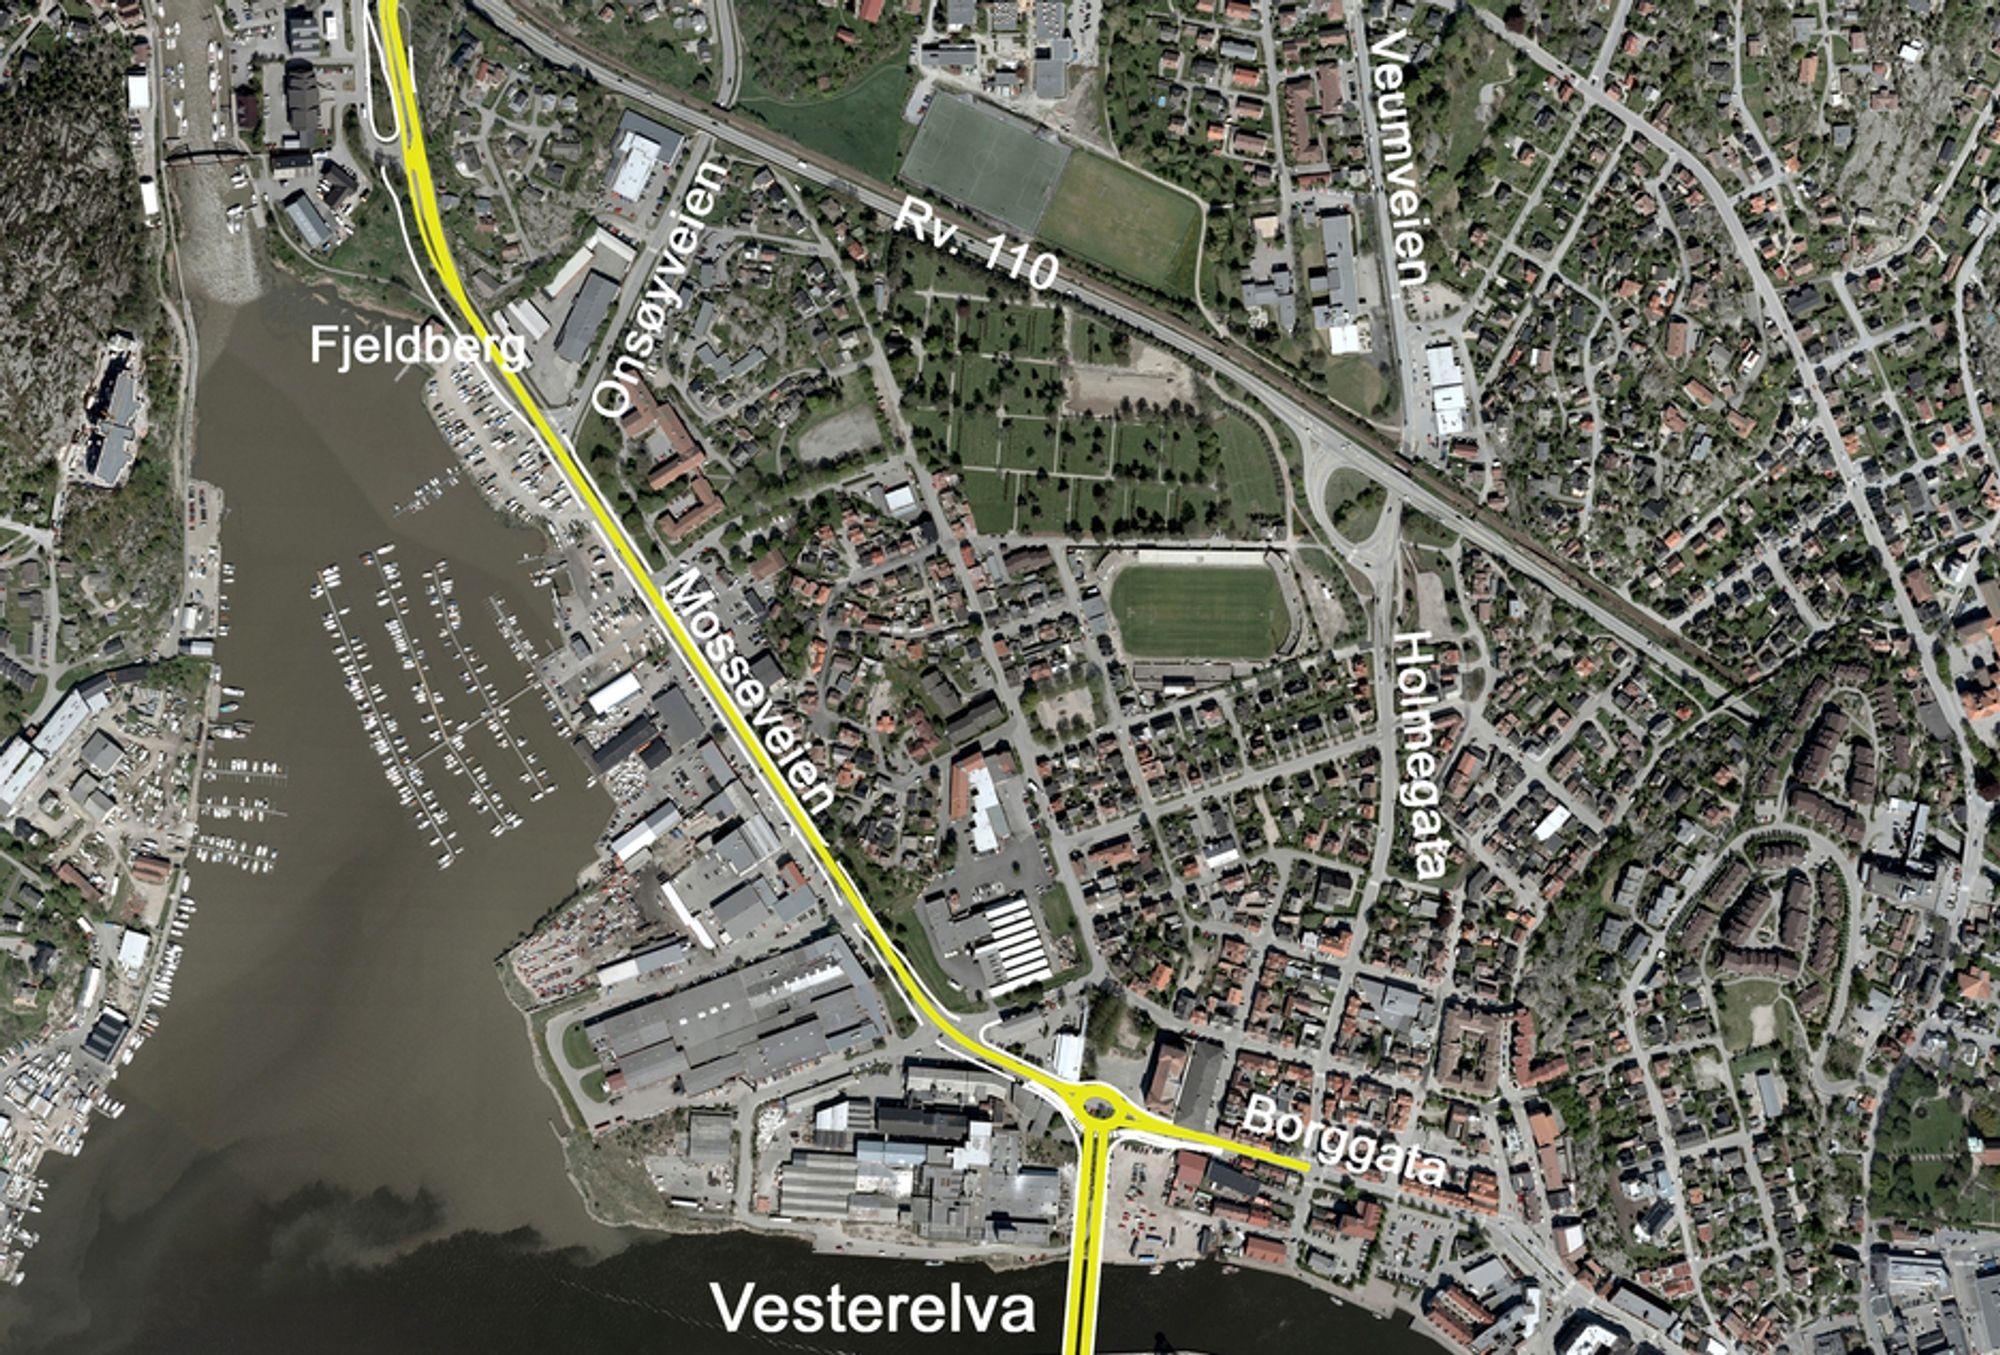 Denne illustrasjonen er ikke helt oppdatert. I tillegg til den rundkjøringen som er markert, blir det en rundkjøring i krysset mellom Mosseveien og Onsøyveien.